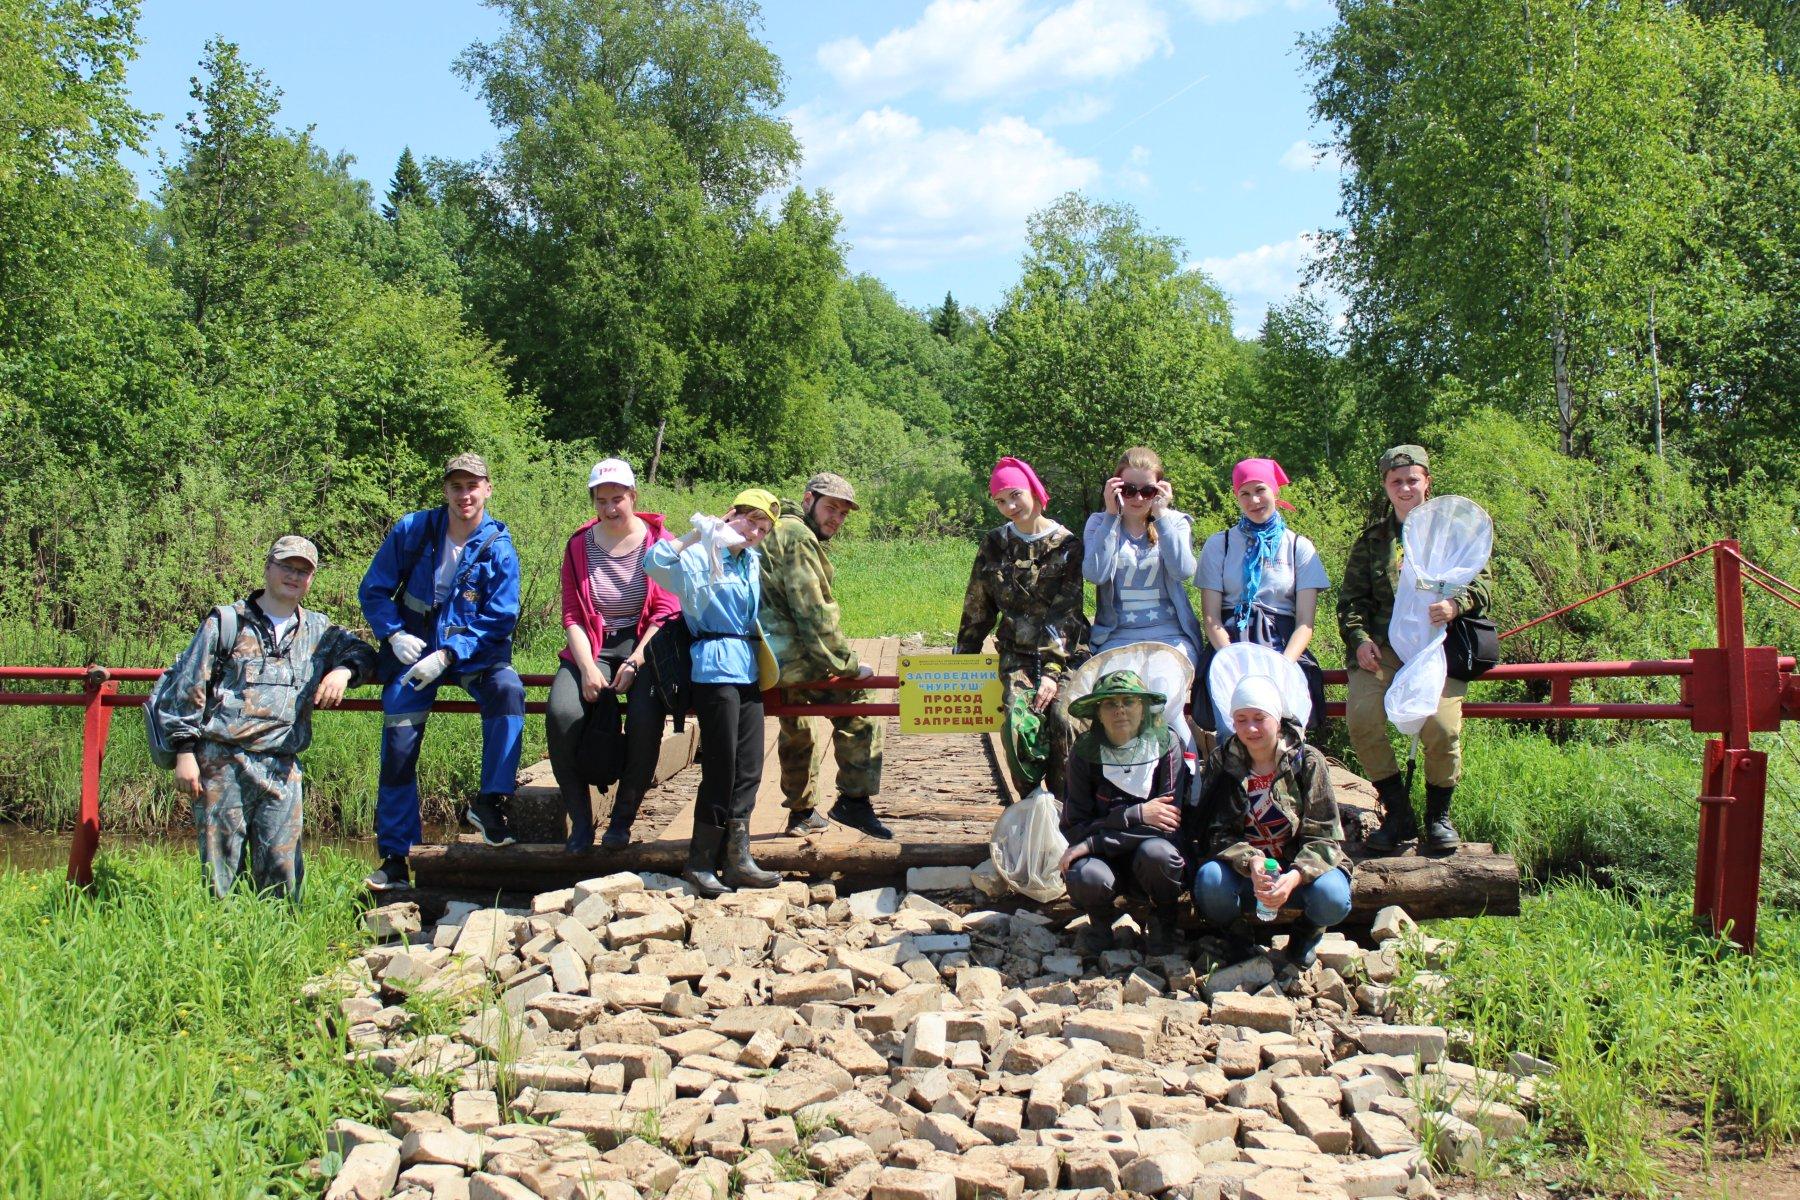 Студенты ВятГУ у границы заповедника. Фото С.В. Пестова